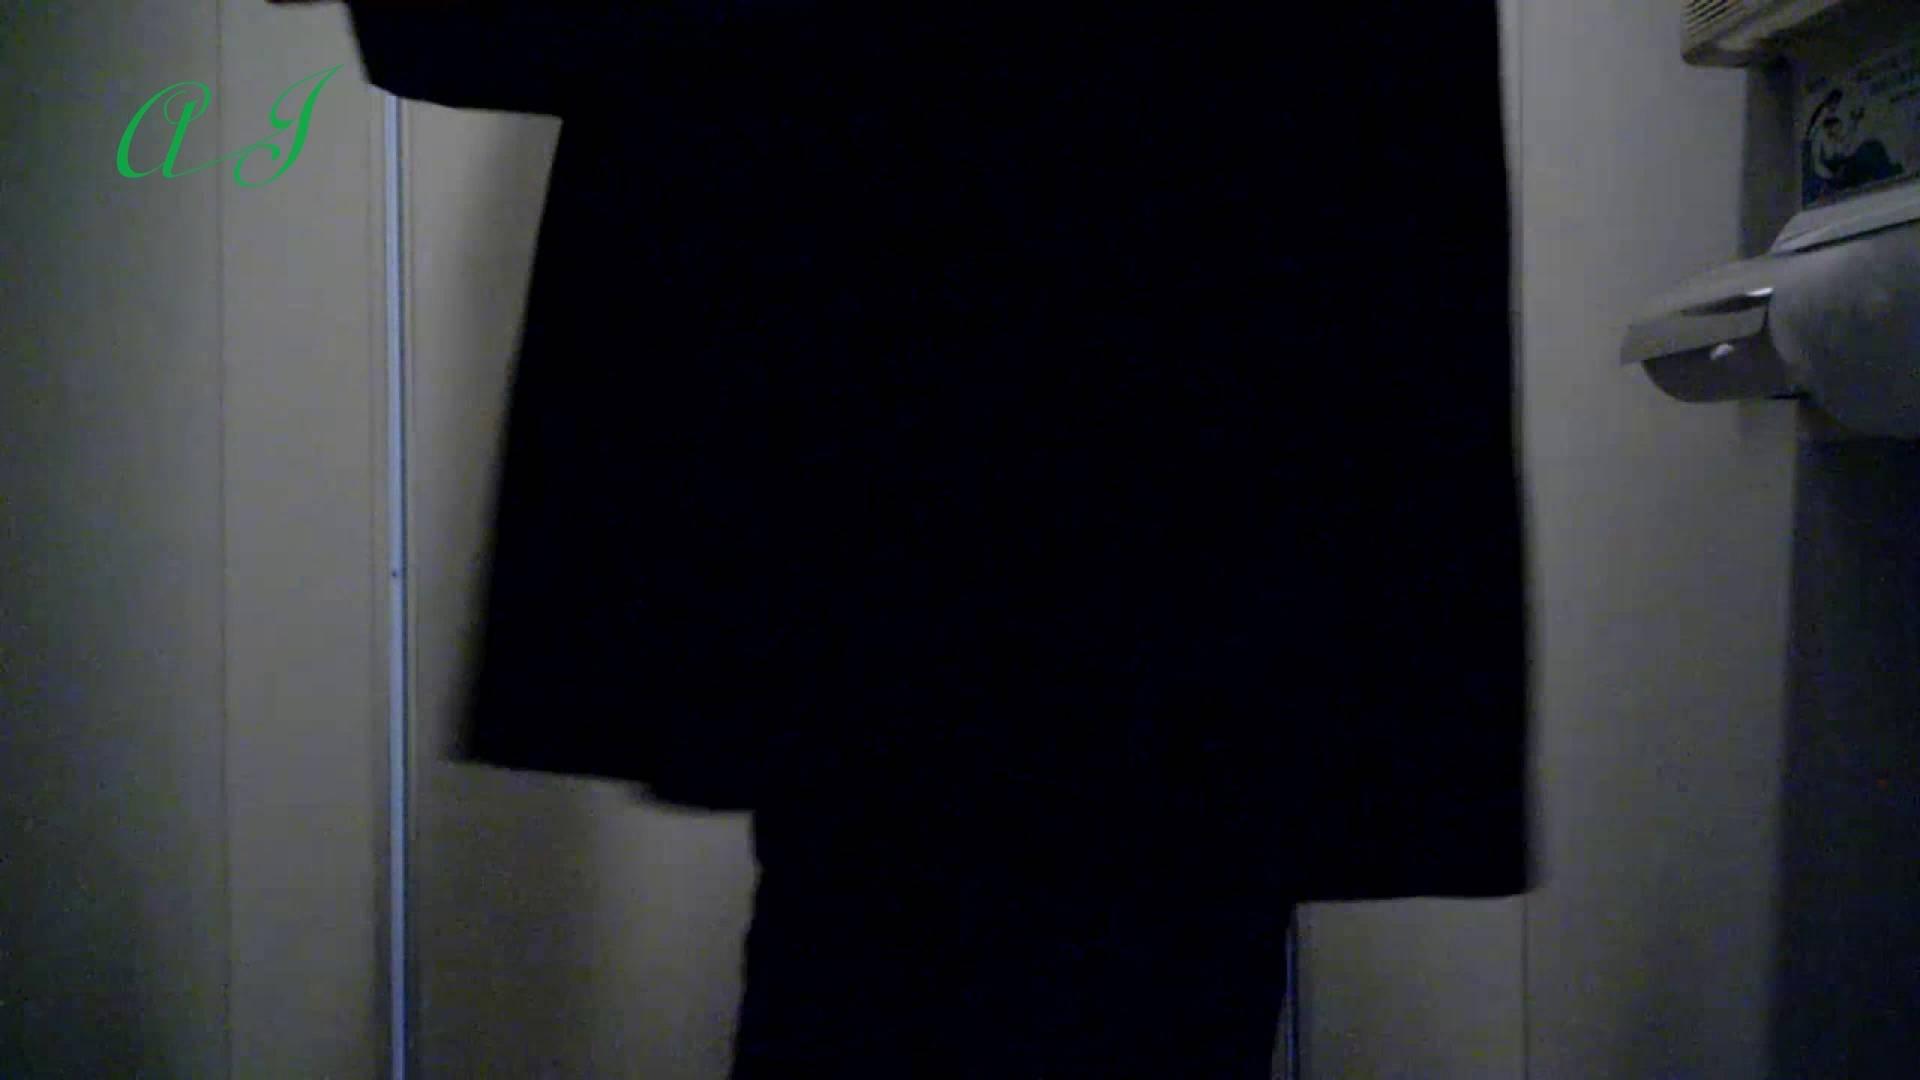 有名大学女性洗面所 vol.59 新アングル追加!相変わらずの美女率!! OLのボディ おまんこ無修正動画無料 85PIX 2